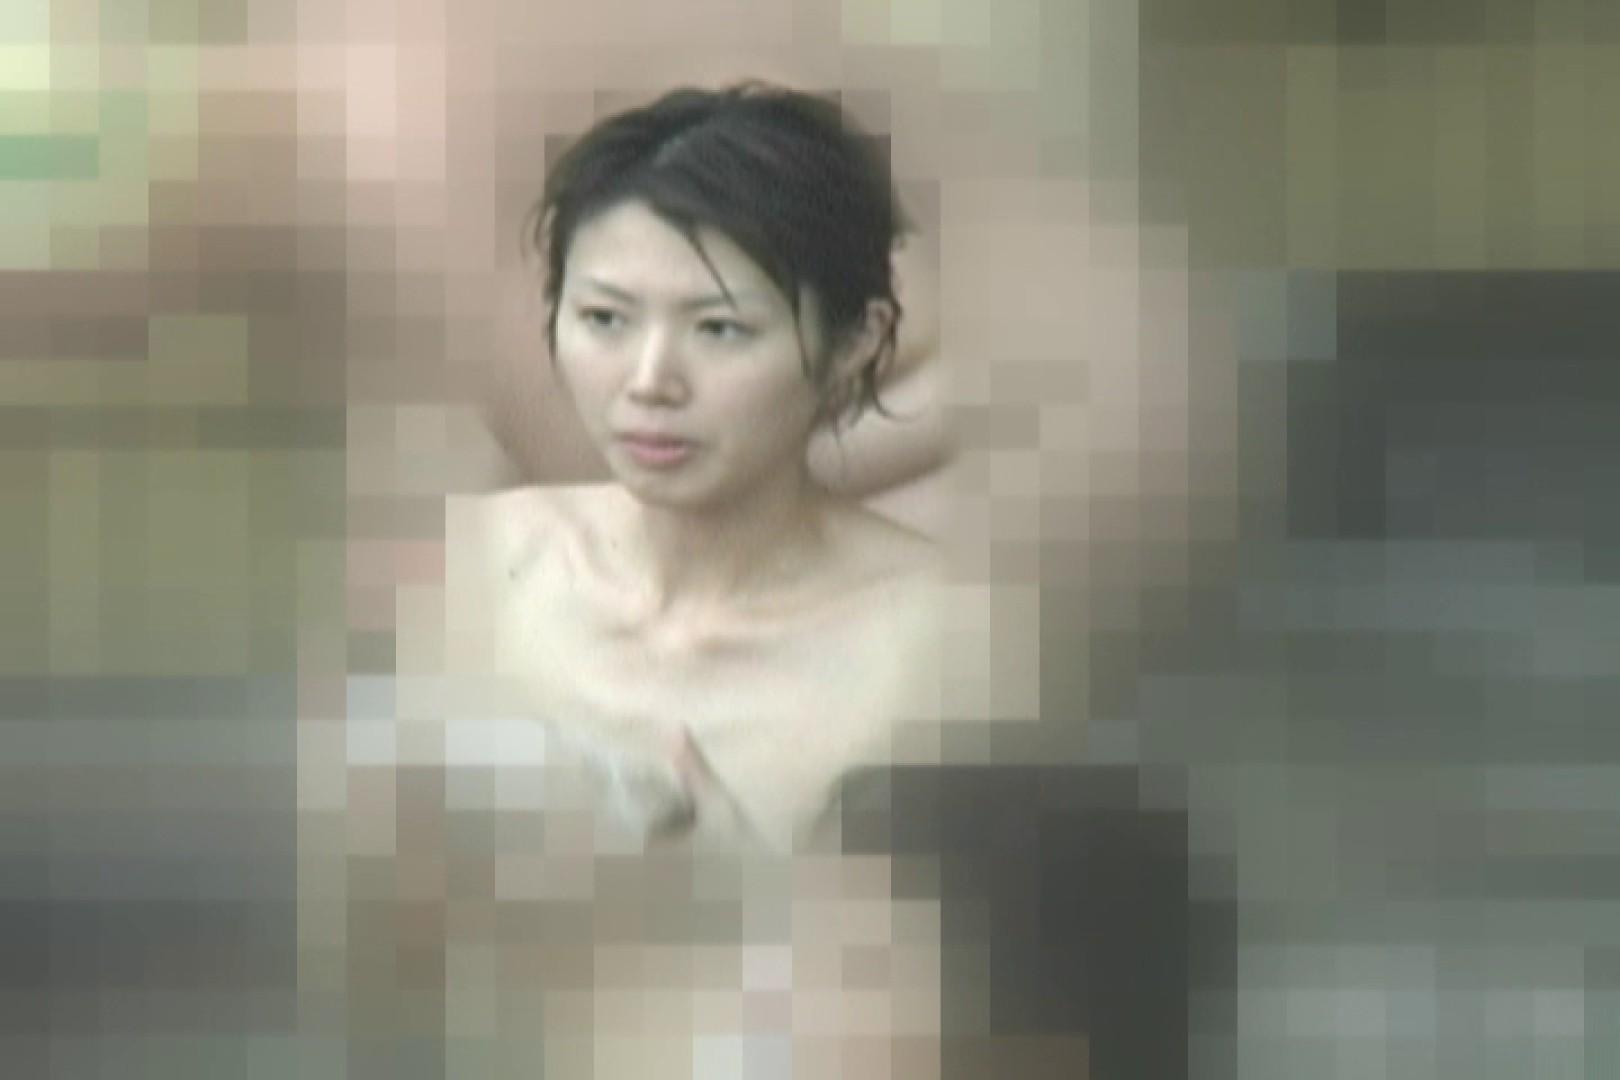 Aquaな露天風呂Vol.856 露天風呂 | 盗撮  74連発 1